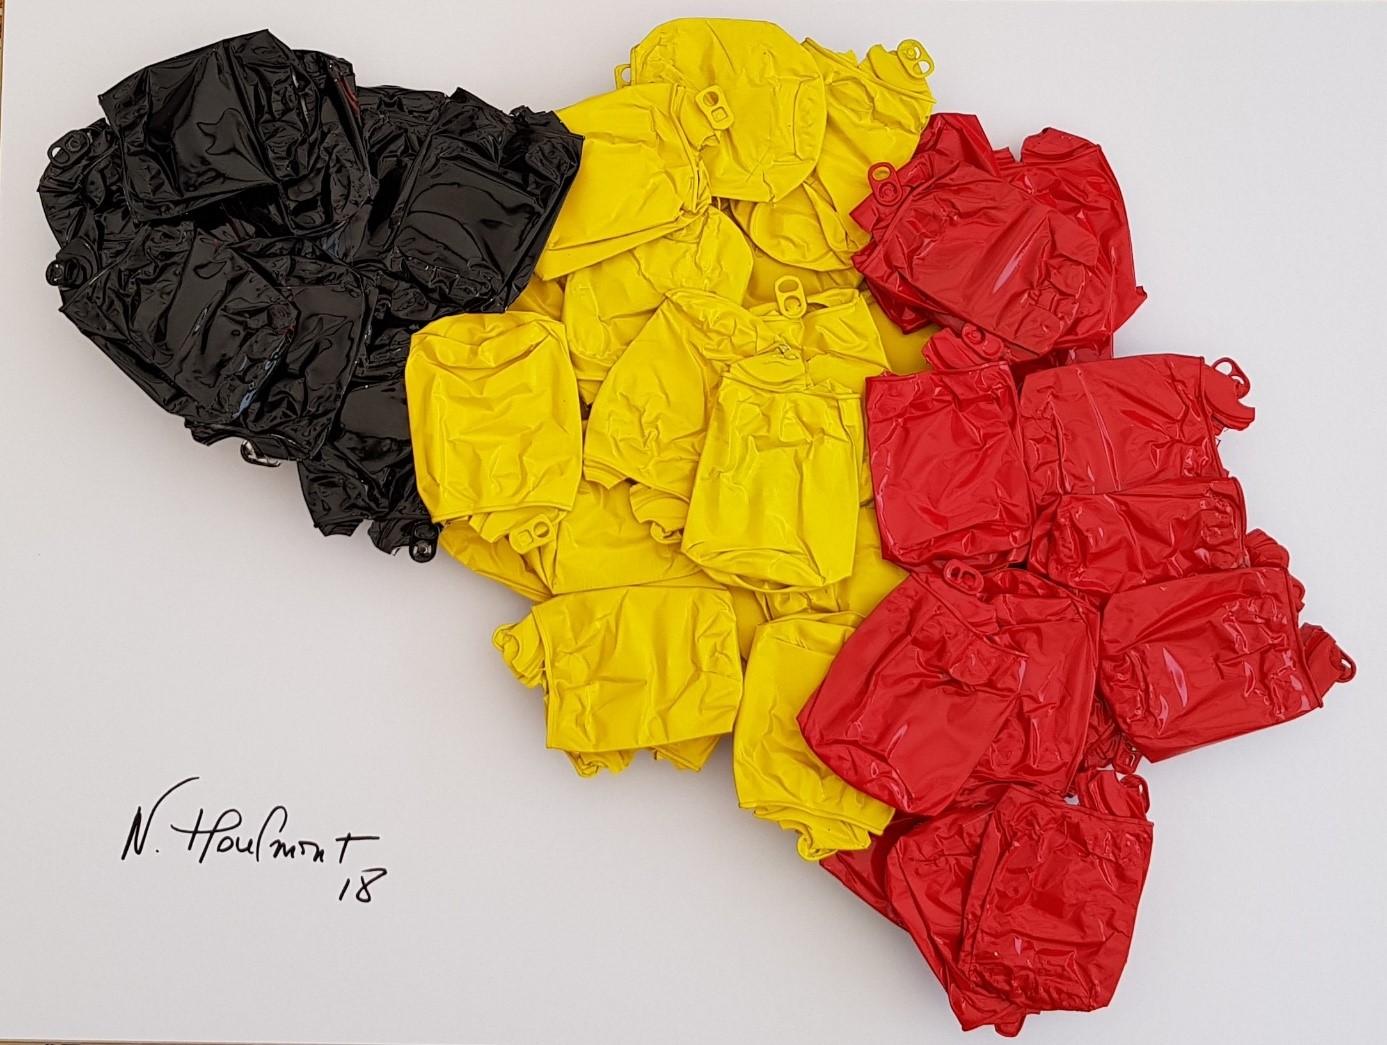 Des œuvres décalées, des canettes recyclées par Nathalie Houlmont